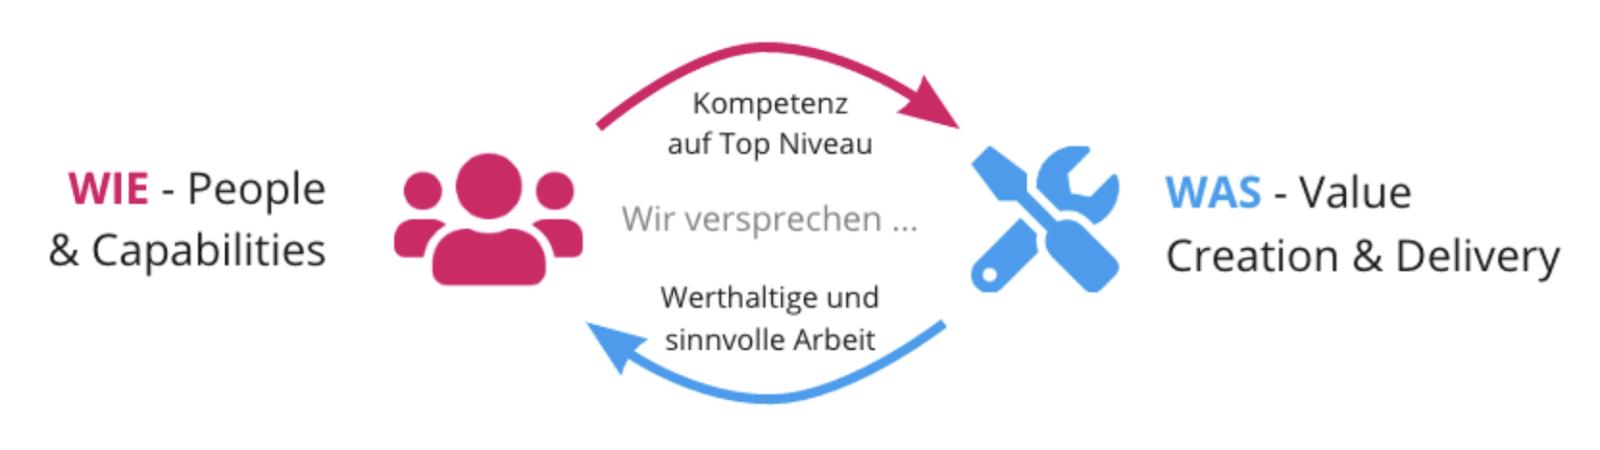 Die beiden Führungslinien der Helix Organisation